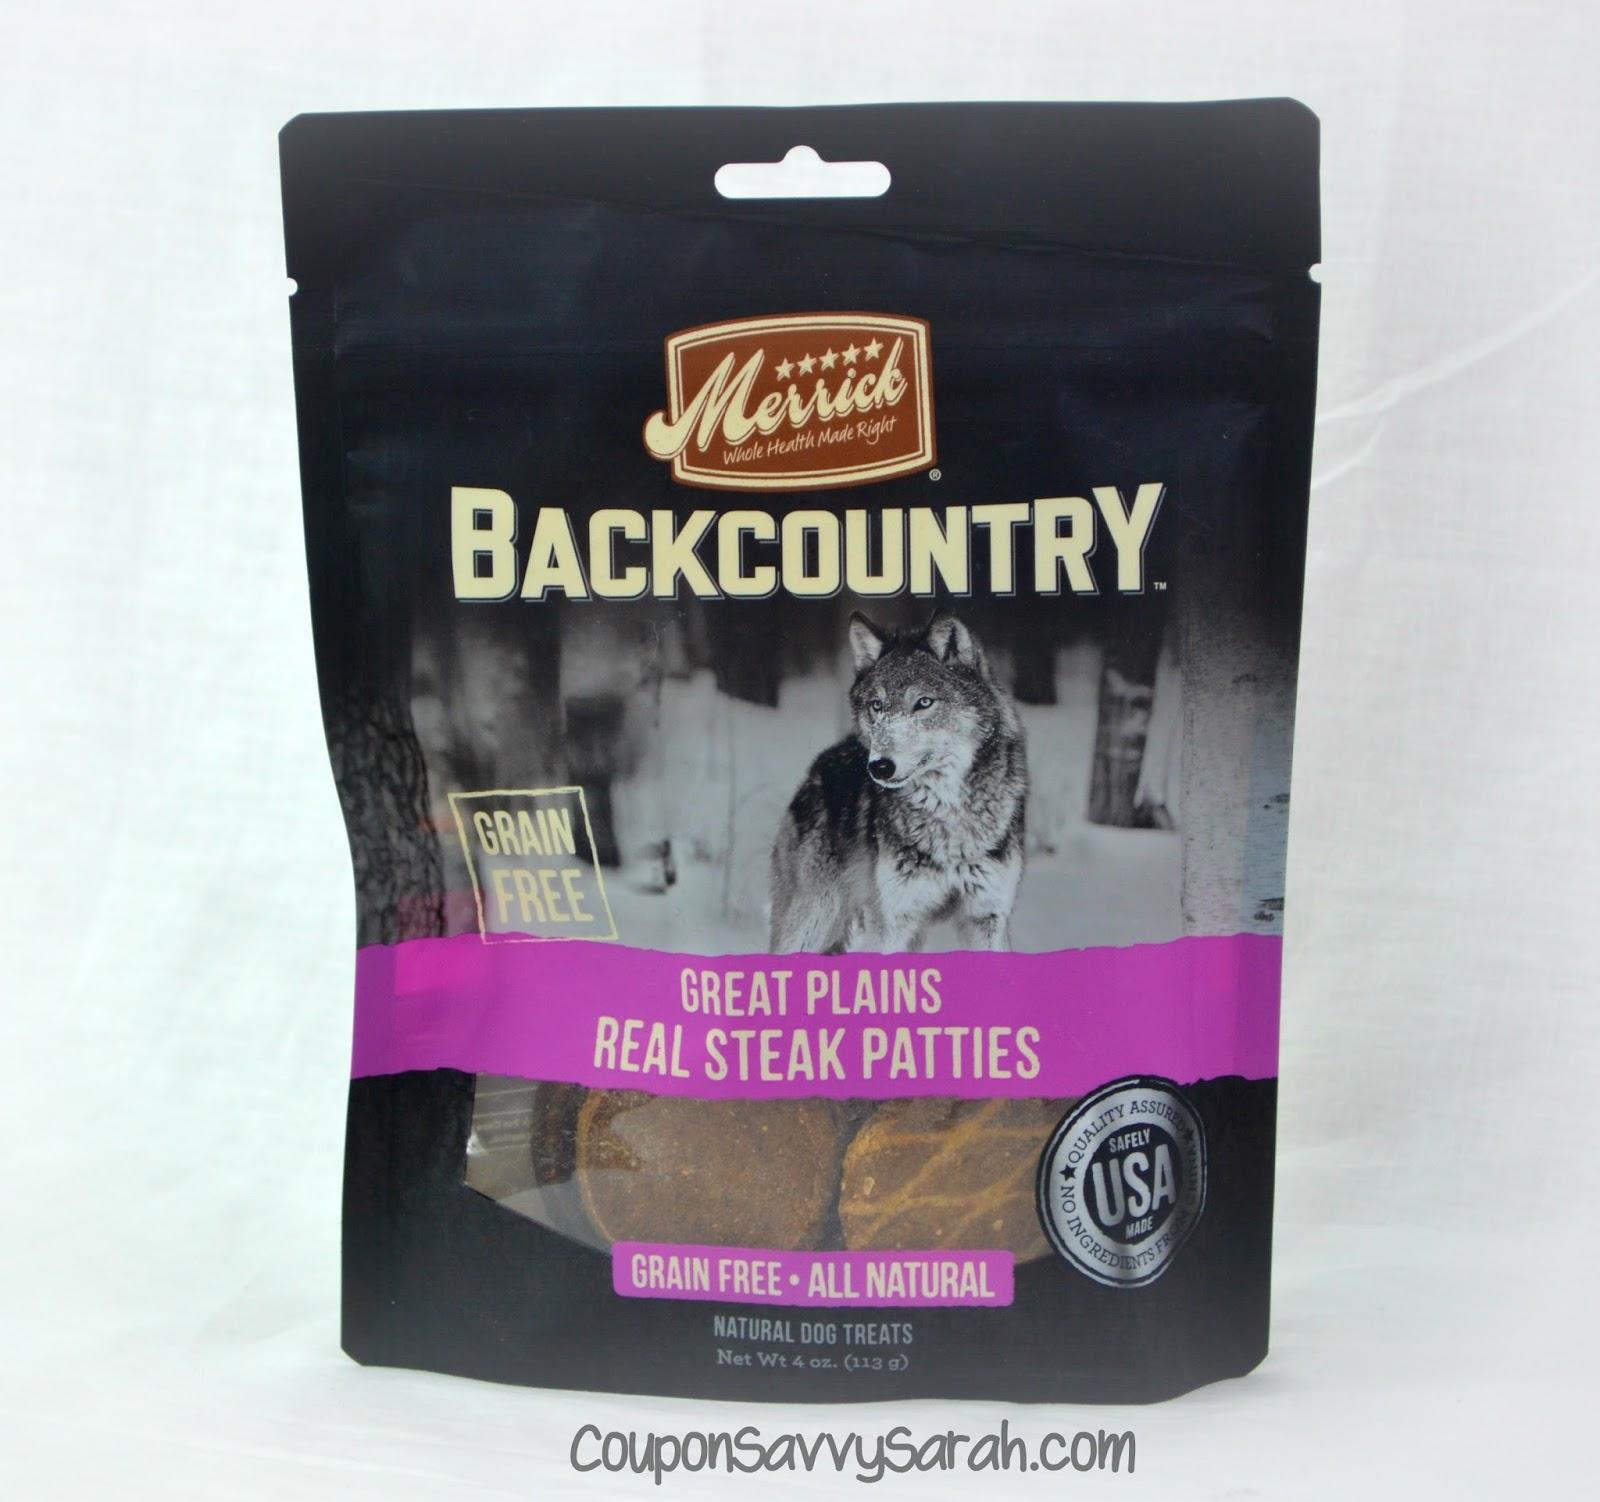 Coupon Savvy Sarah Merrick Backcountry Dog Treats Review